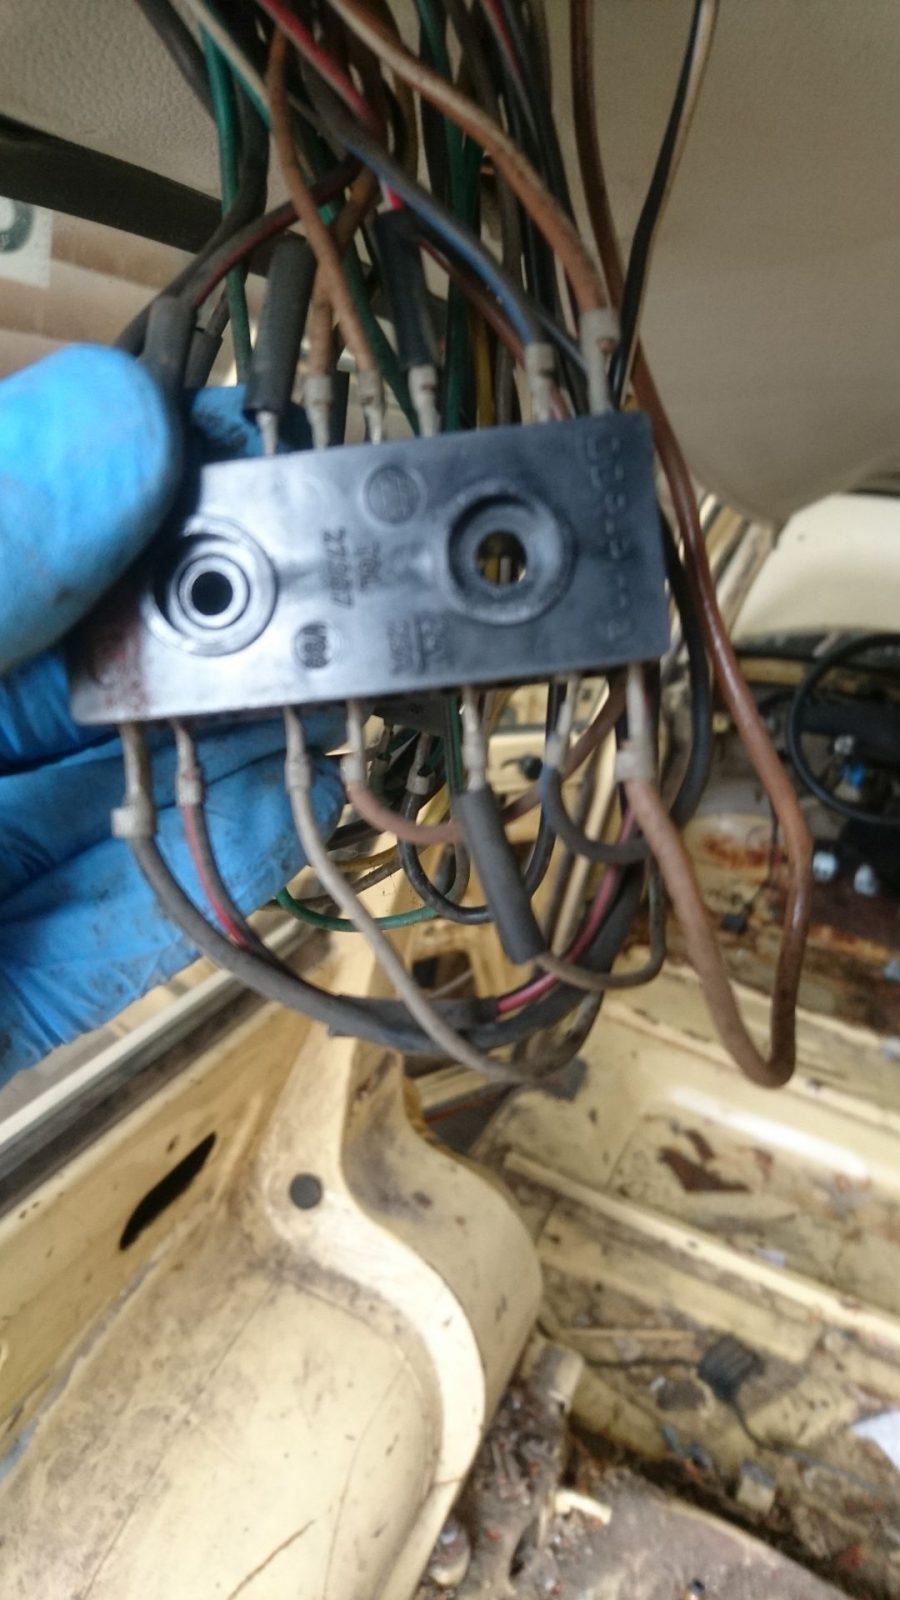 Das ist der obere der beiden Steckverbinder mit Blick auf die Kontaktseite, an der die Kabel, die zur Heckklappe führen, aufgesteckt werden. Leider nicht ganz scharf das Bild.